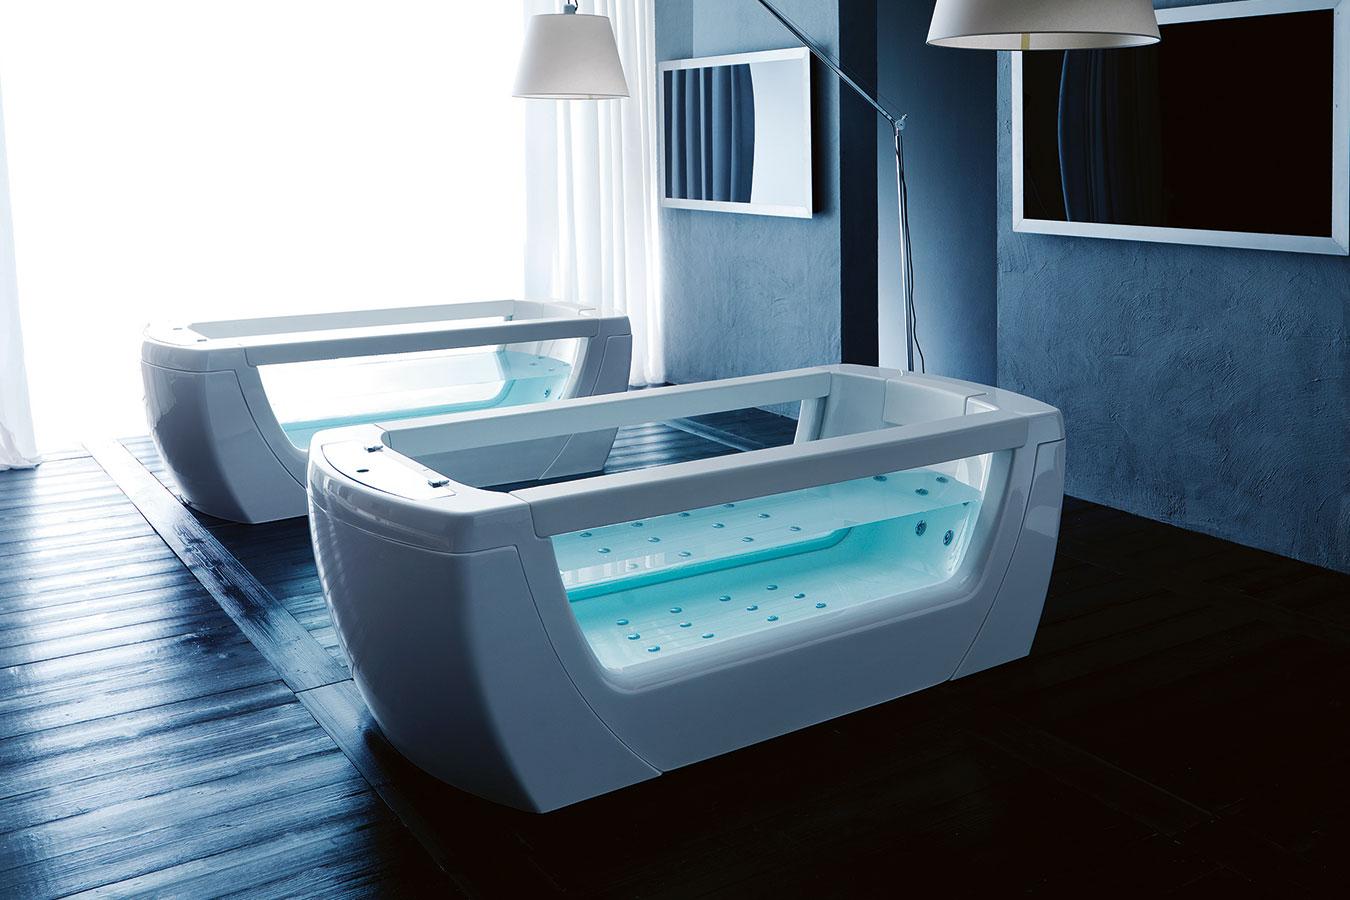 Vasca Da Bagno 180 80 : Ideal standard vasca da bagno due sedile duplo k cm